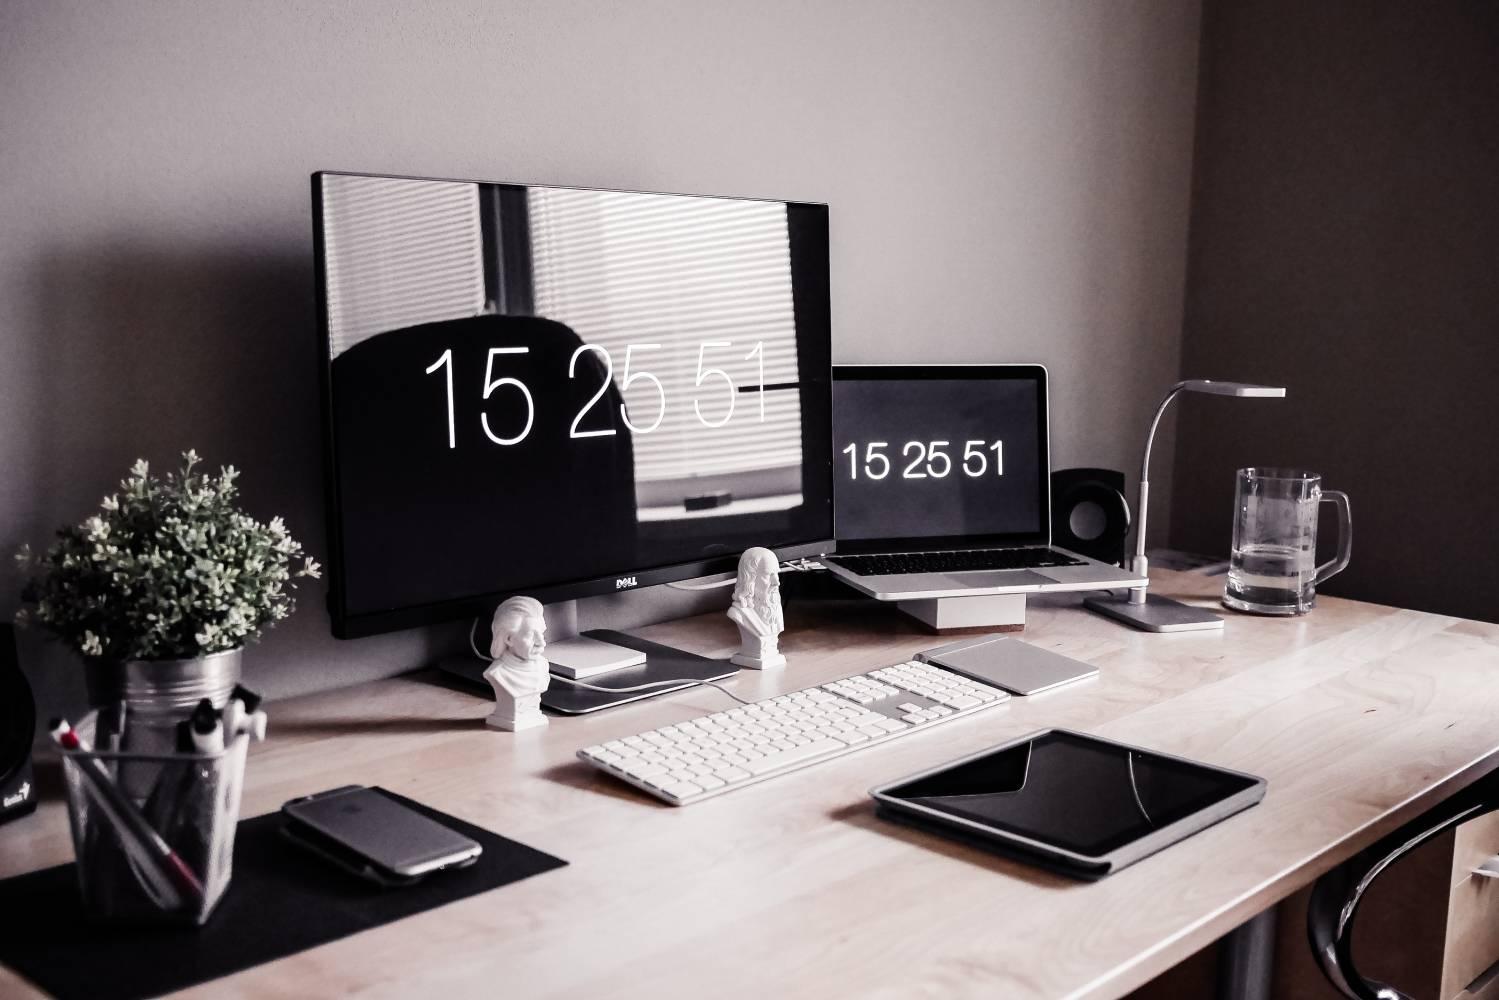 Add a motivational clock